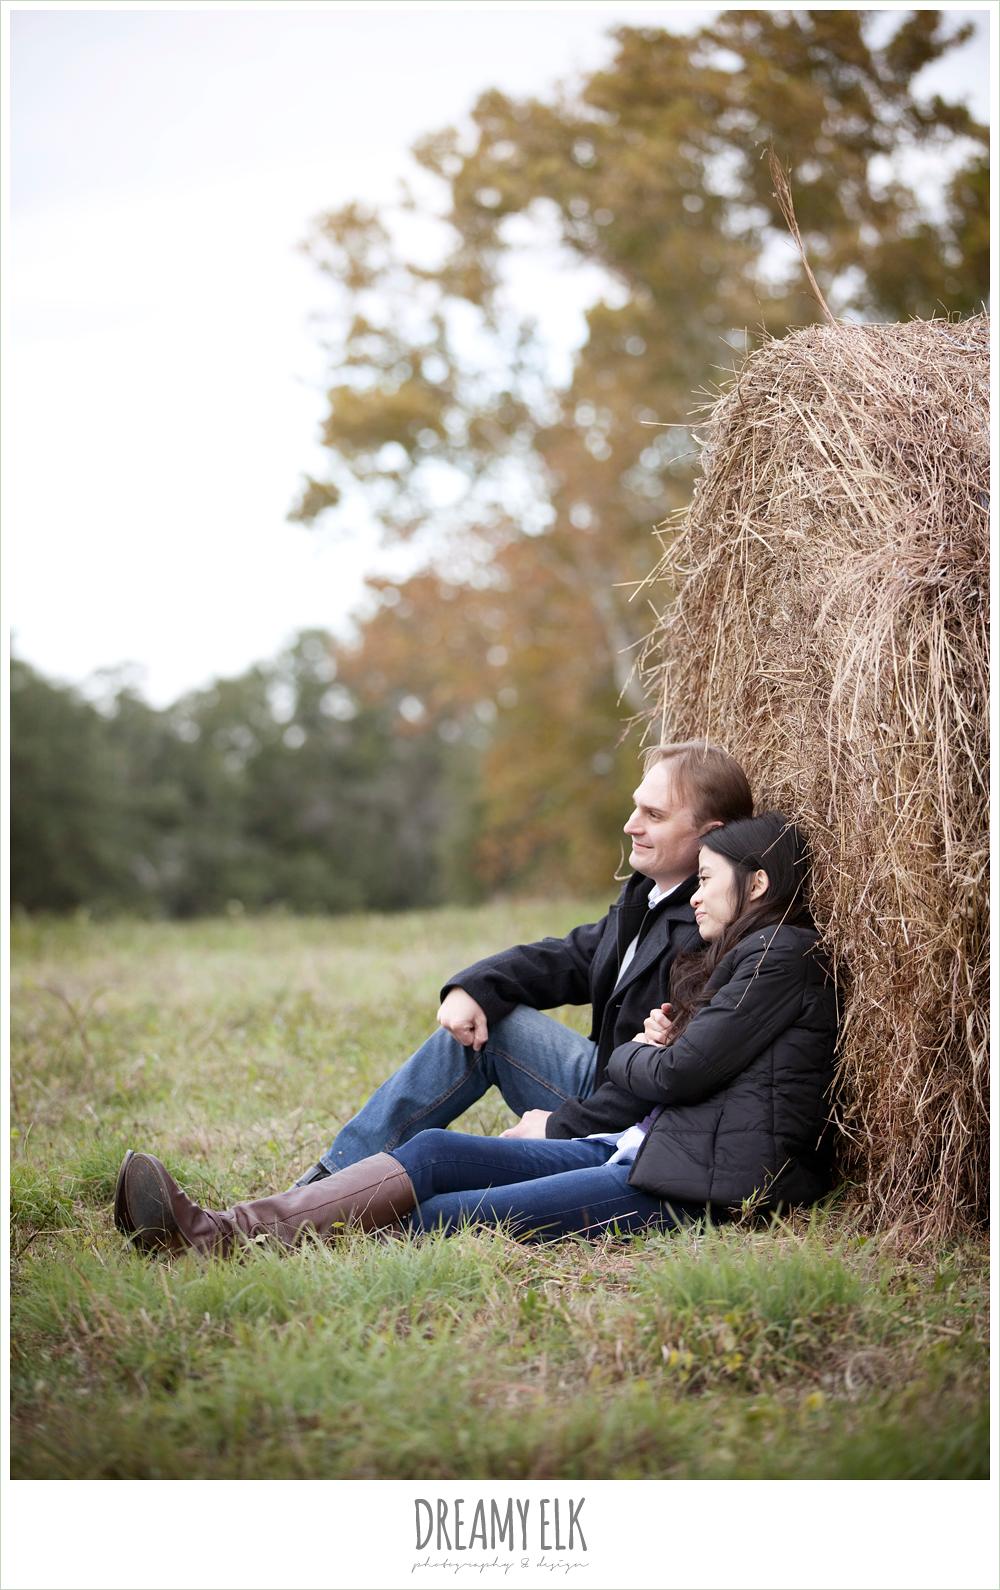 shin & derek, engagement photo contest, haystacks